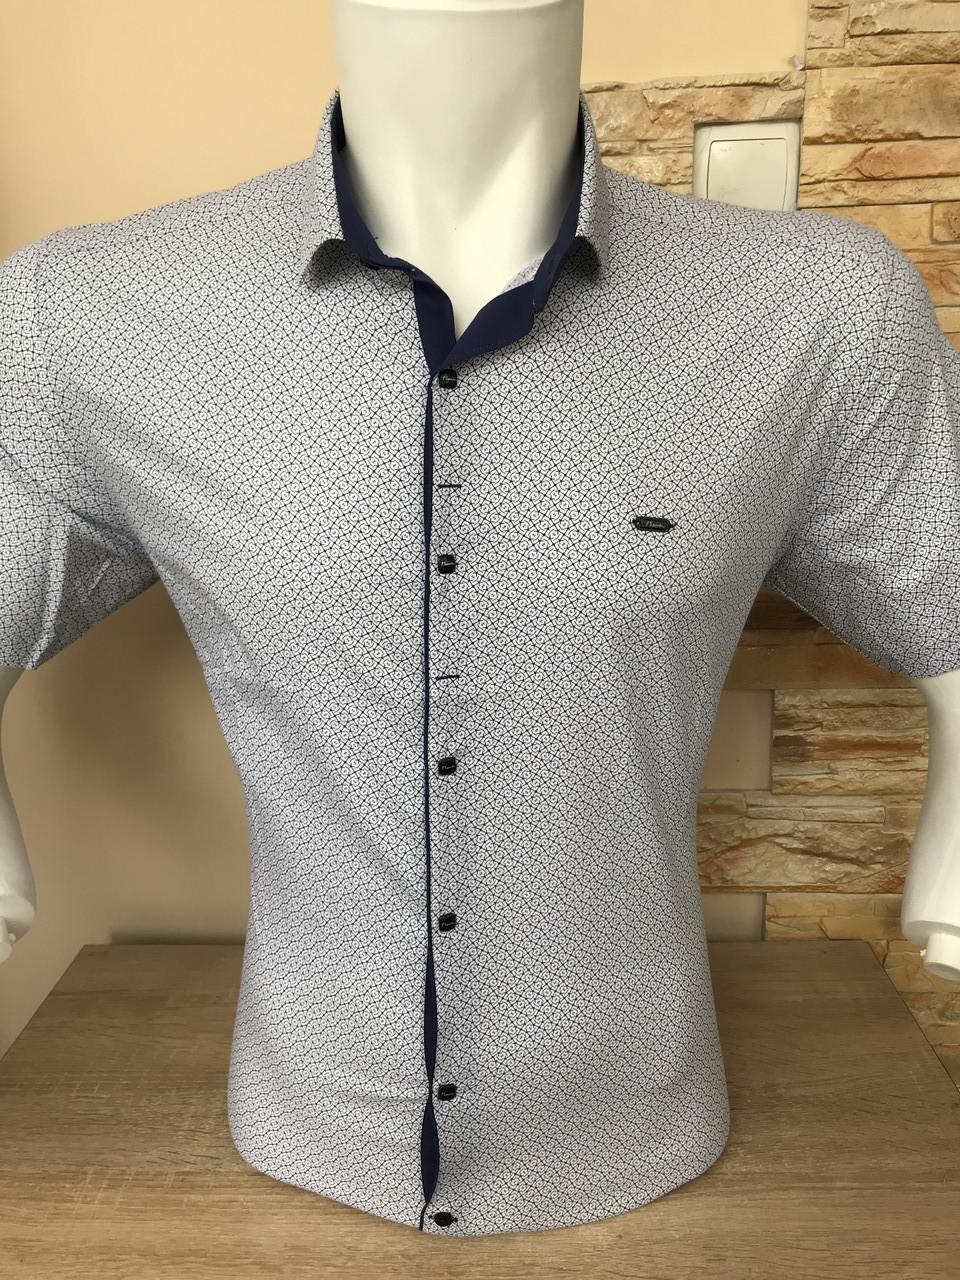 Рубашка короткий рукав Paul Smith c принтом (2704)